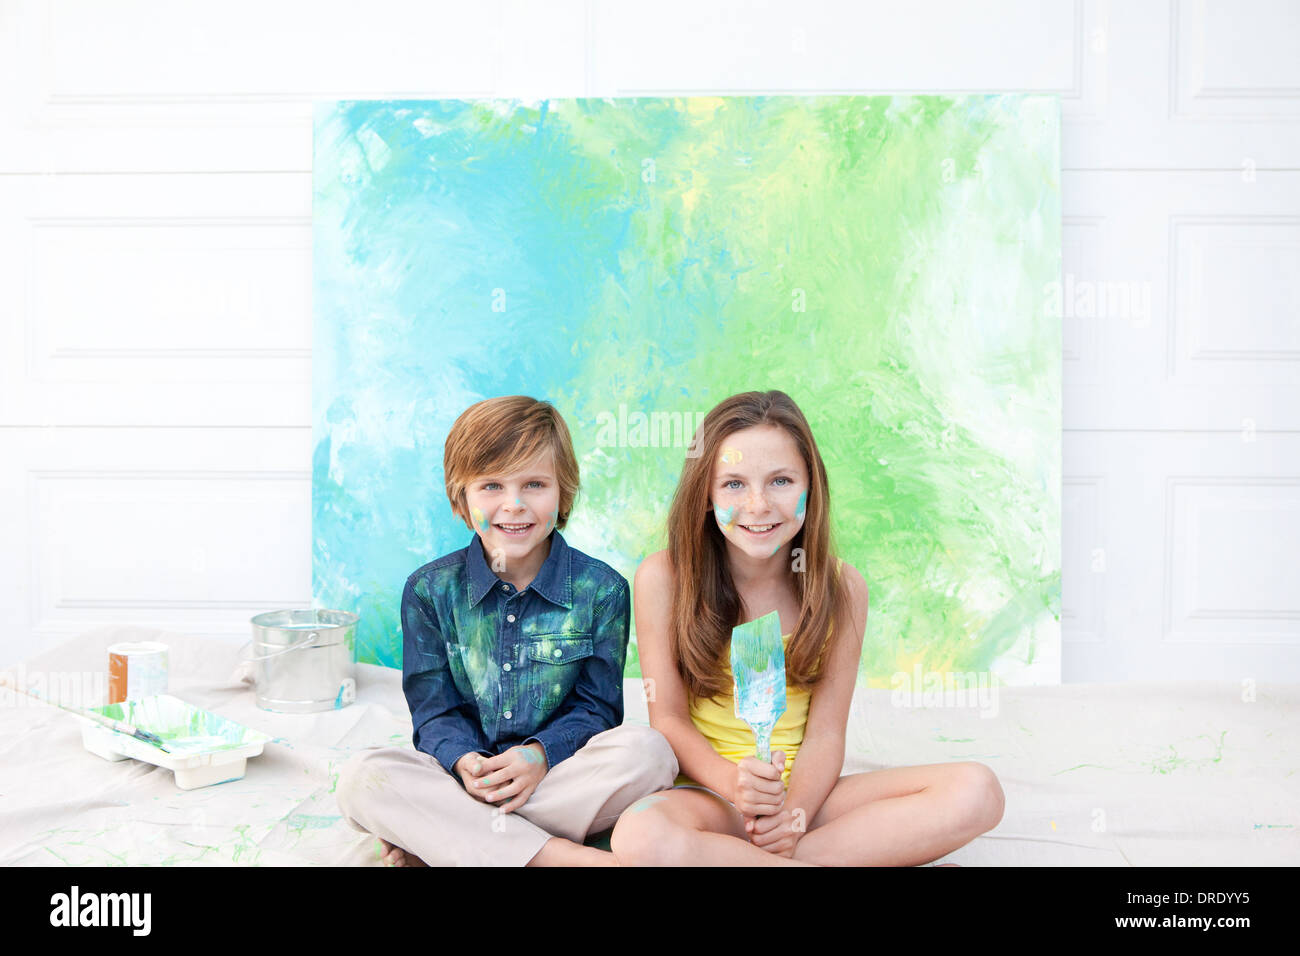 Bruder und Schwester sitzen vor bunte Gemälde Stockbild